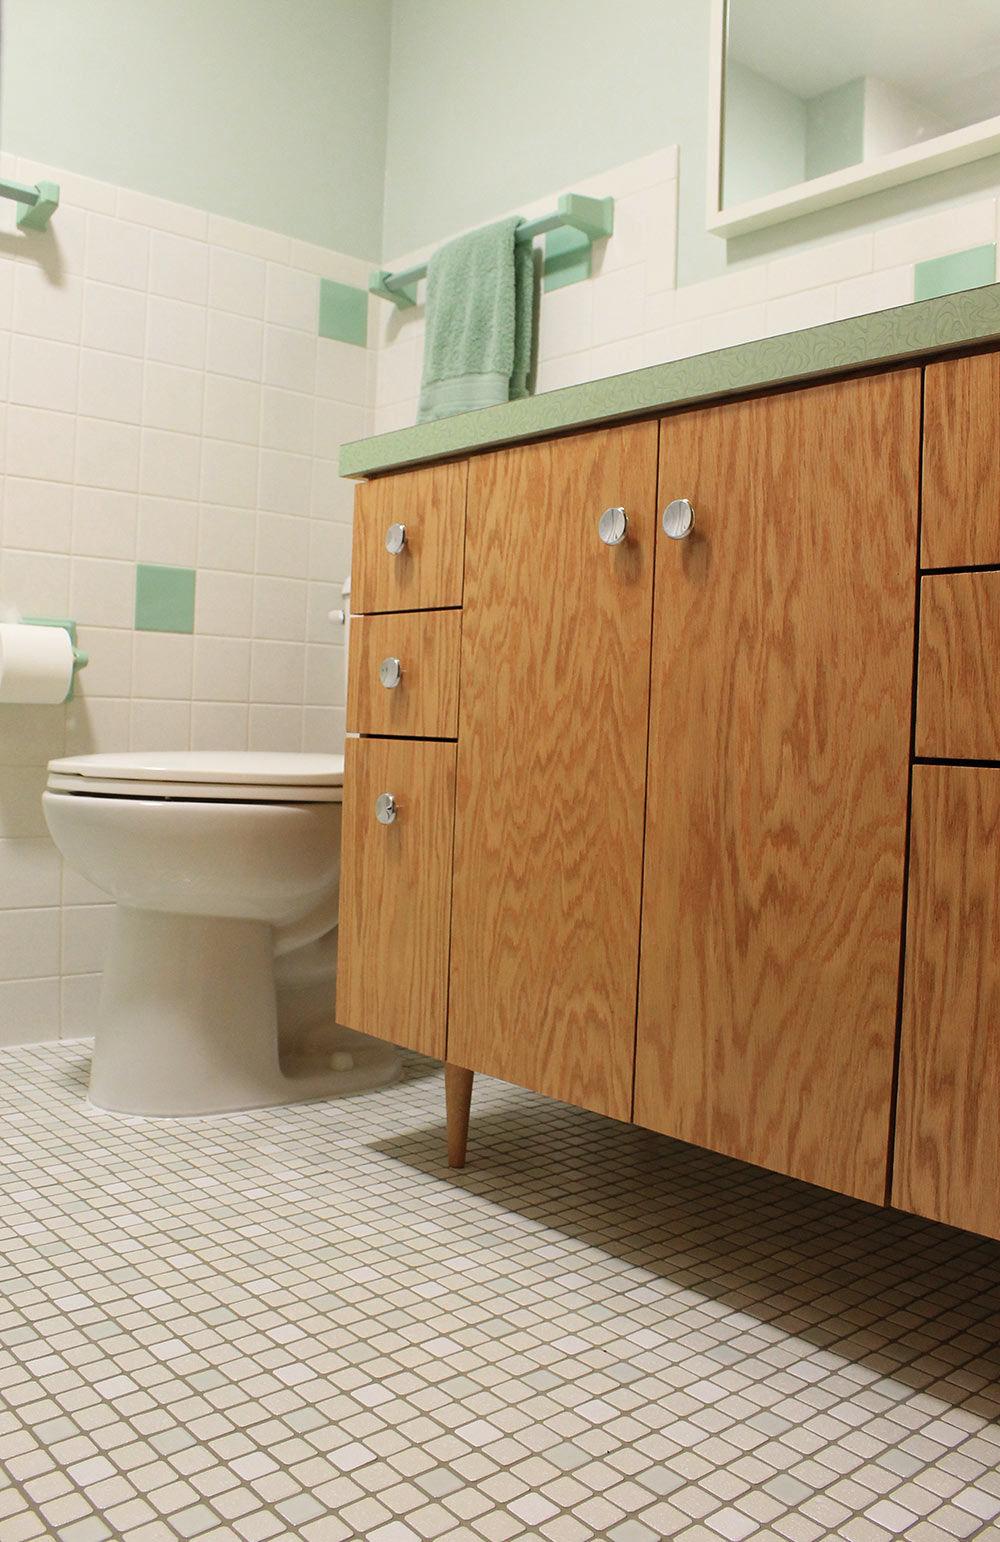 new light fixtures bathroom pattern-Inspirational Light Fixtures Bathroom Gallery